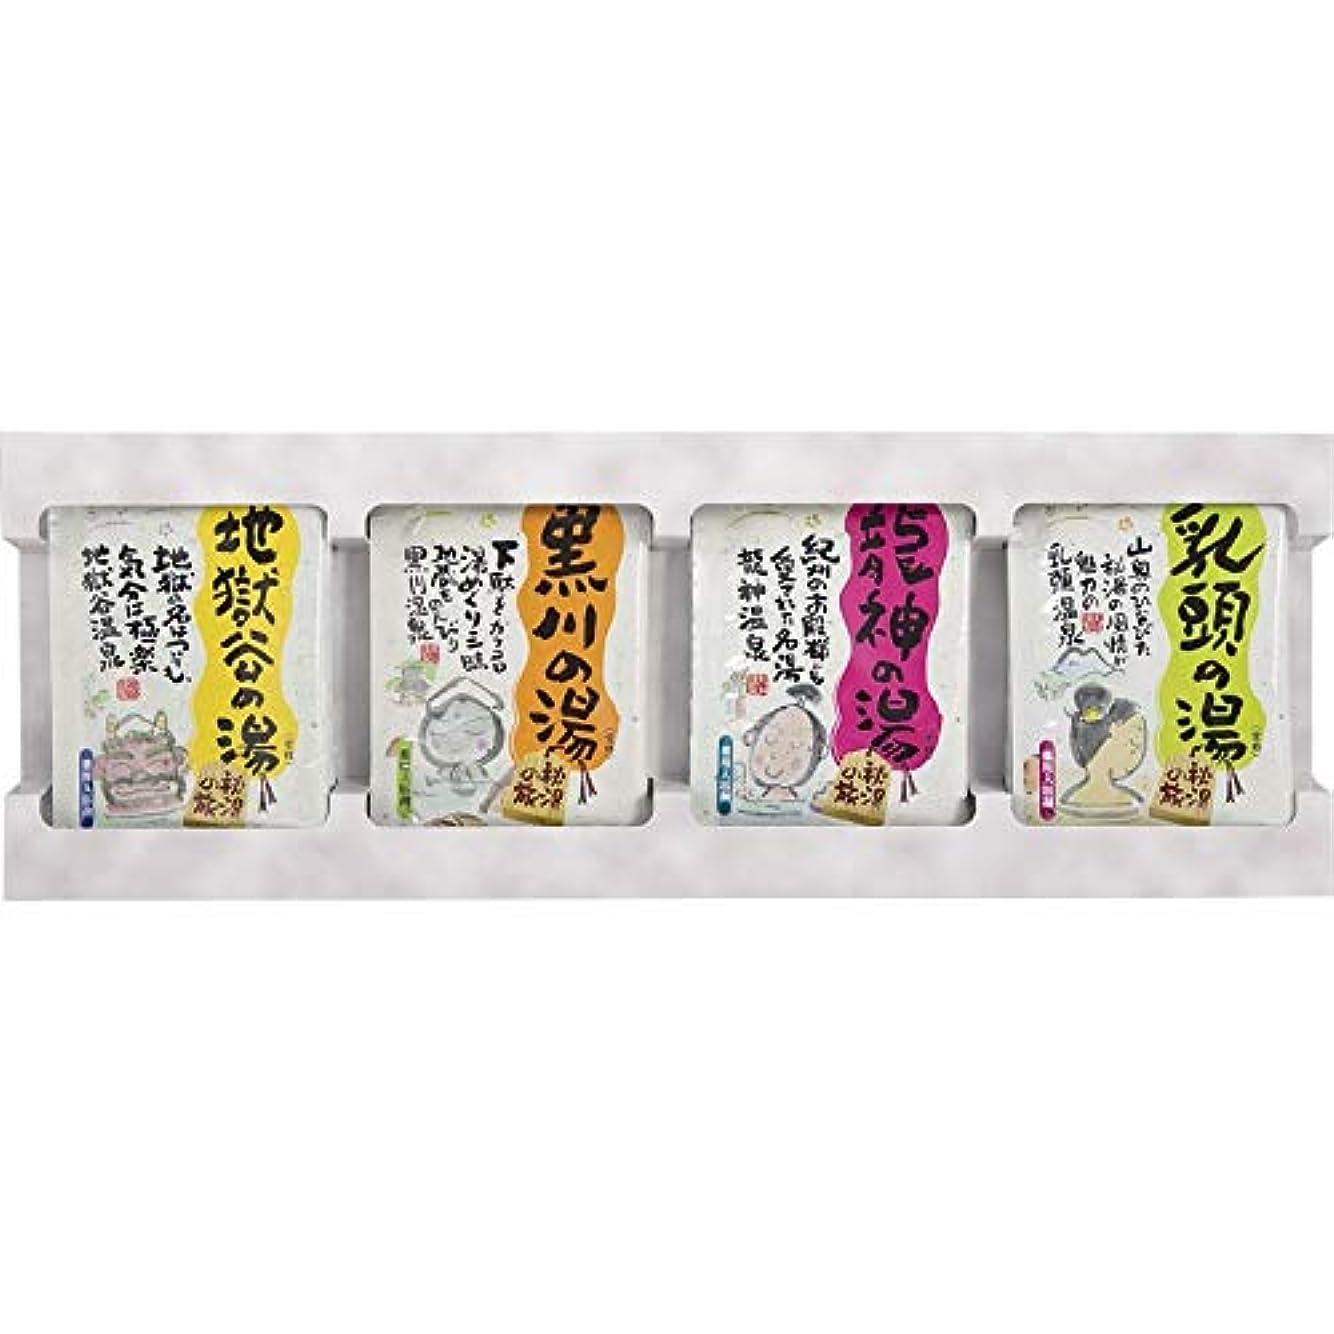 給料方程式レジ薬用入浴剤秘湯の旅10P PH-10P 【やくようにゅうよくざい ひとうのたび 日本製 国産 せっと セット 10包 】